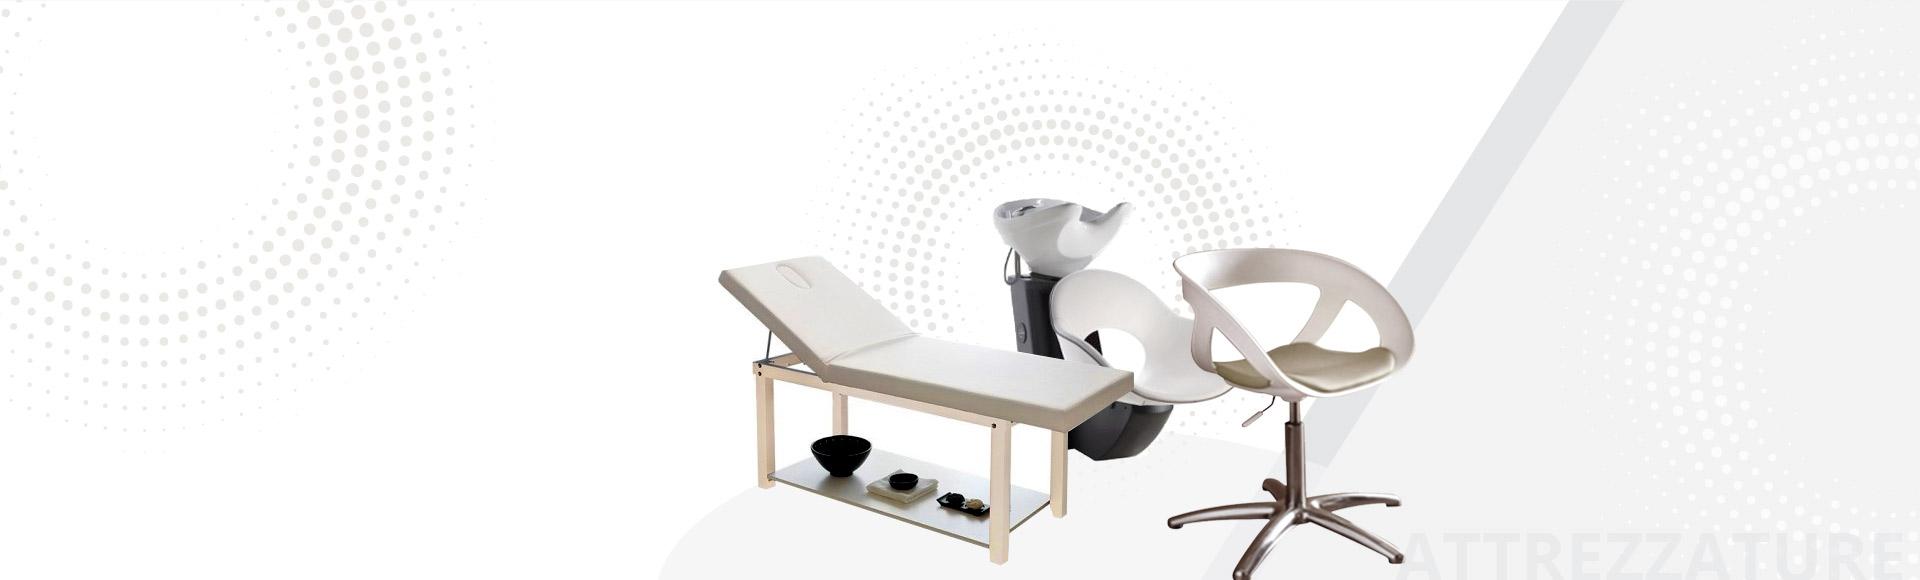 hotelspa-07slide-attrezzature